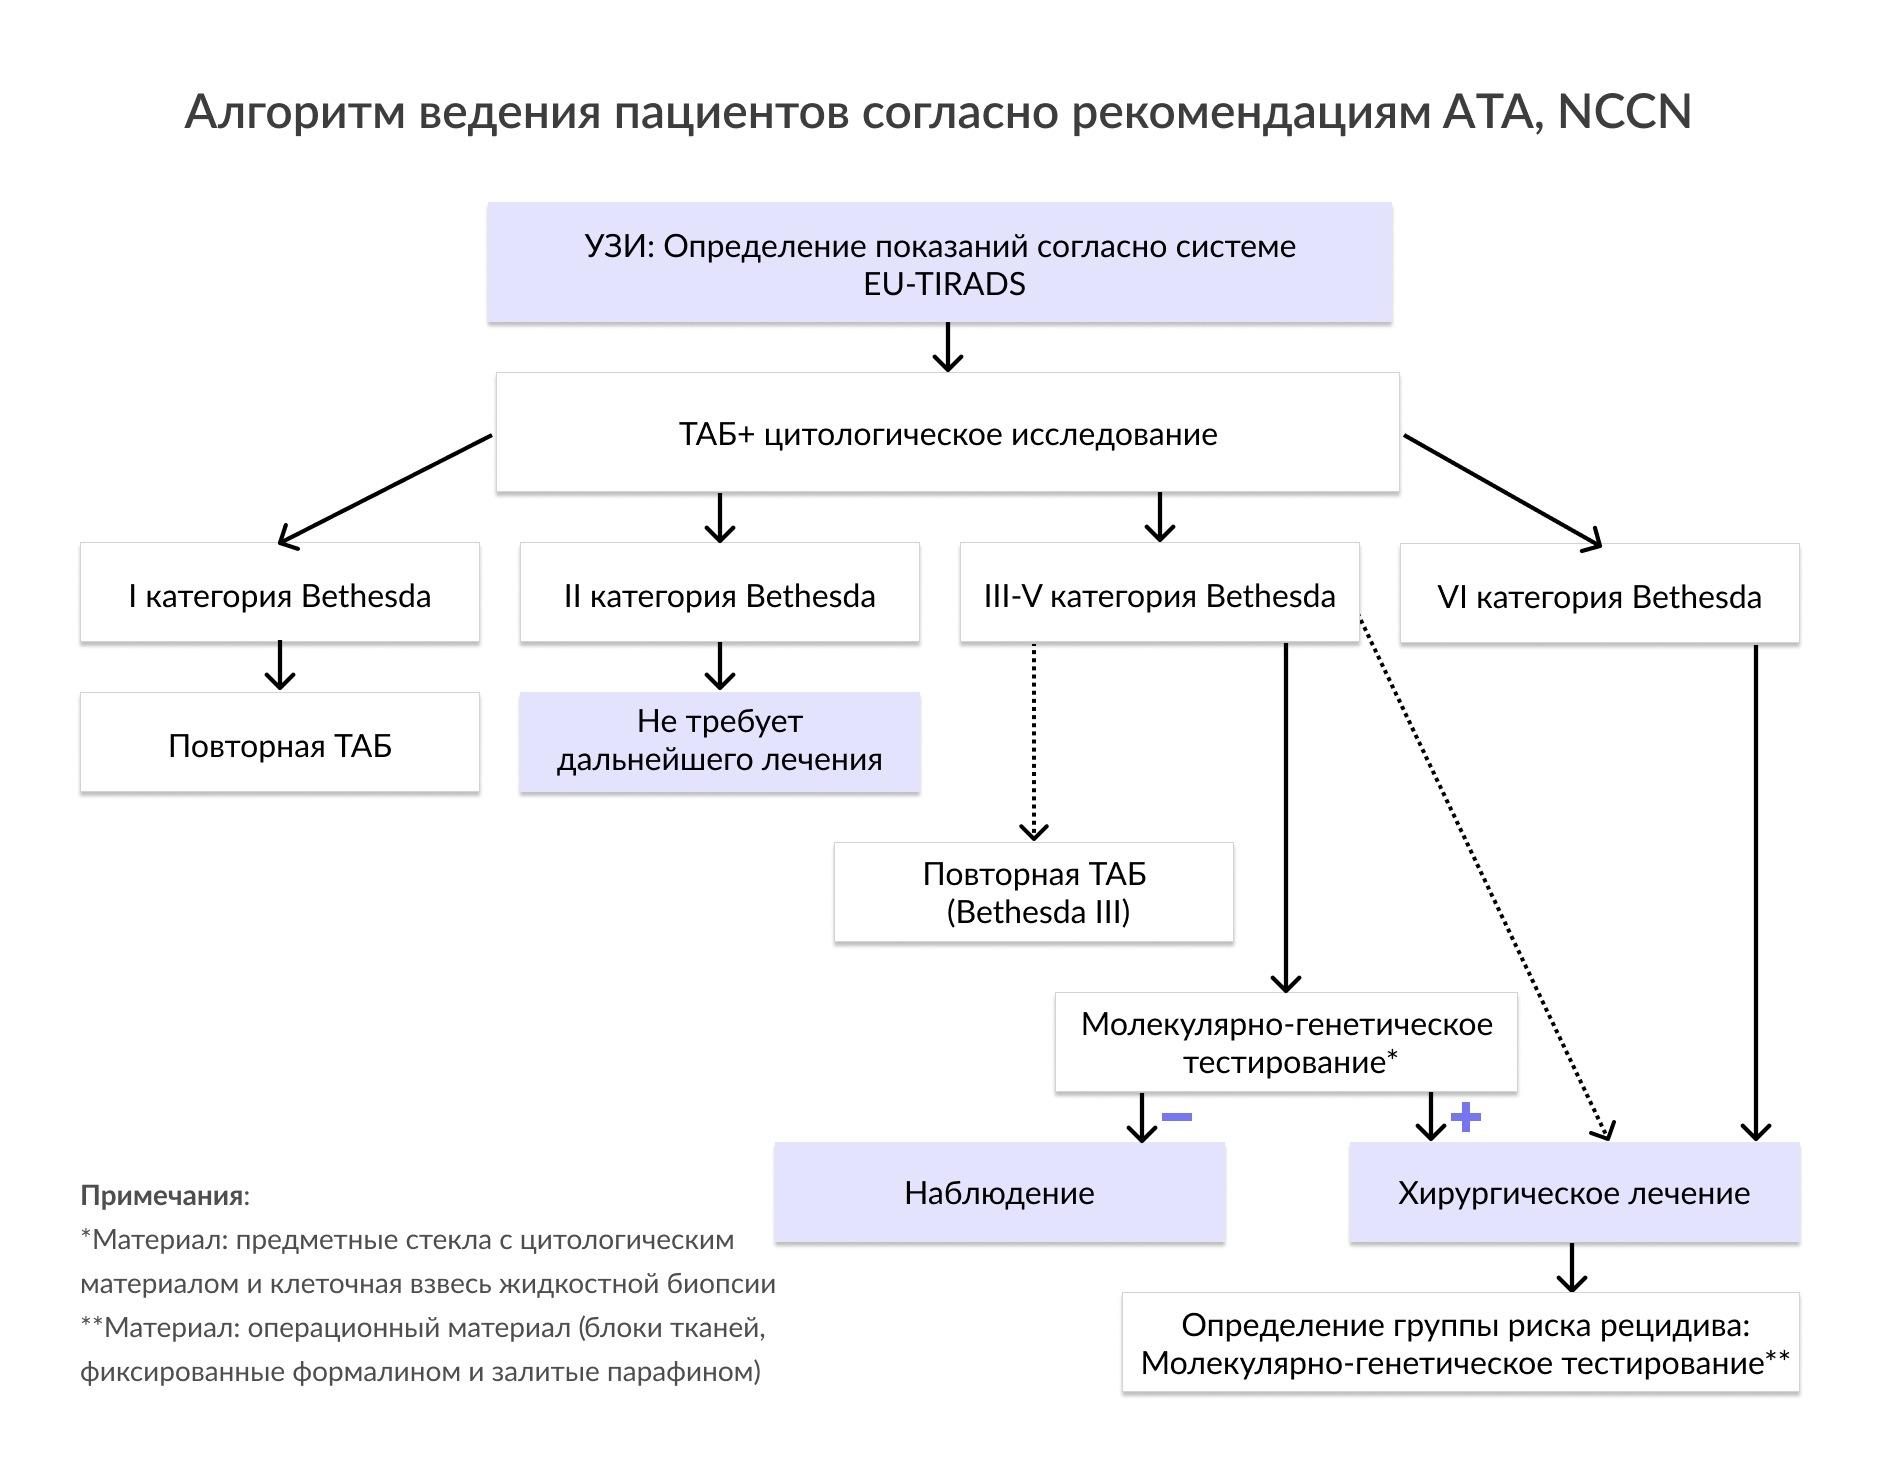 Алгоритм ведения пациентов согласно рекомендациям RUSSCO, NCCN